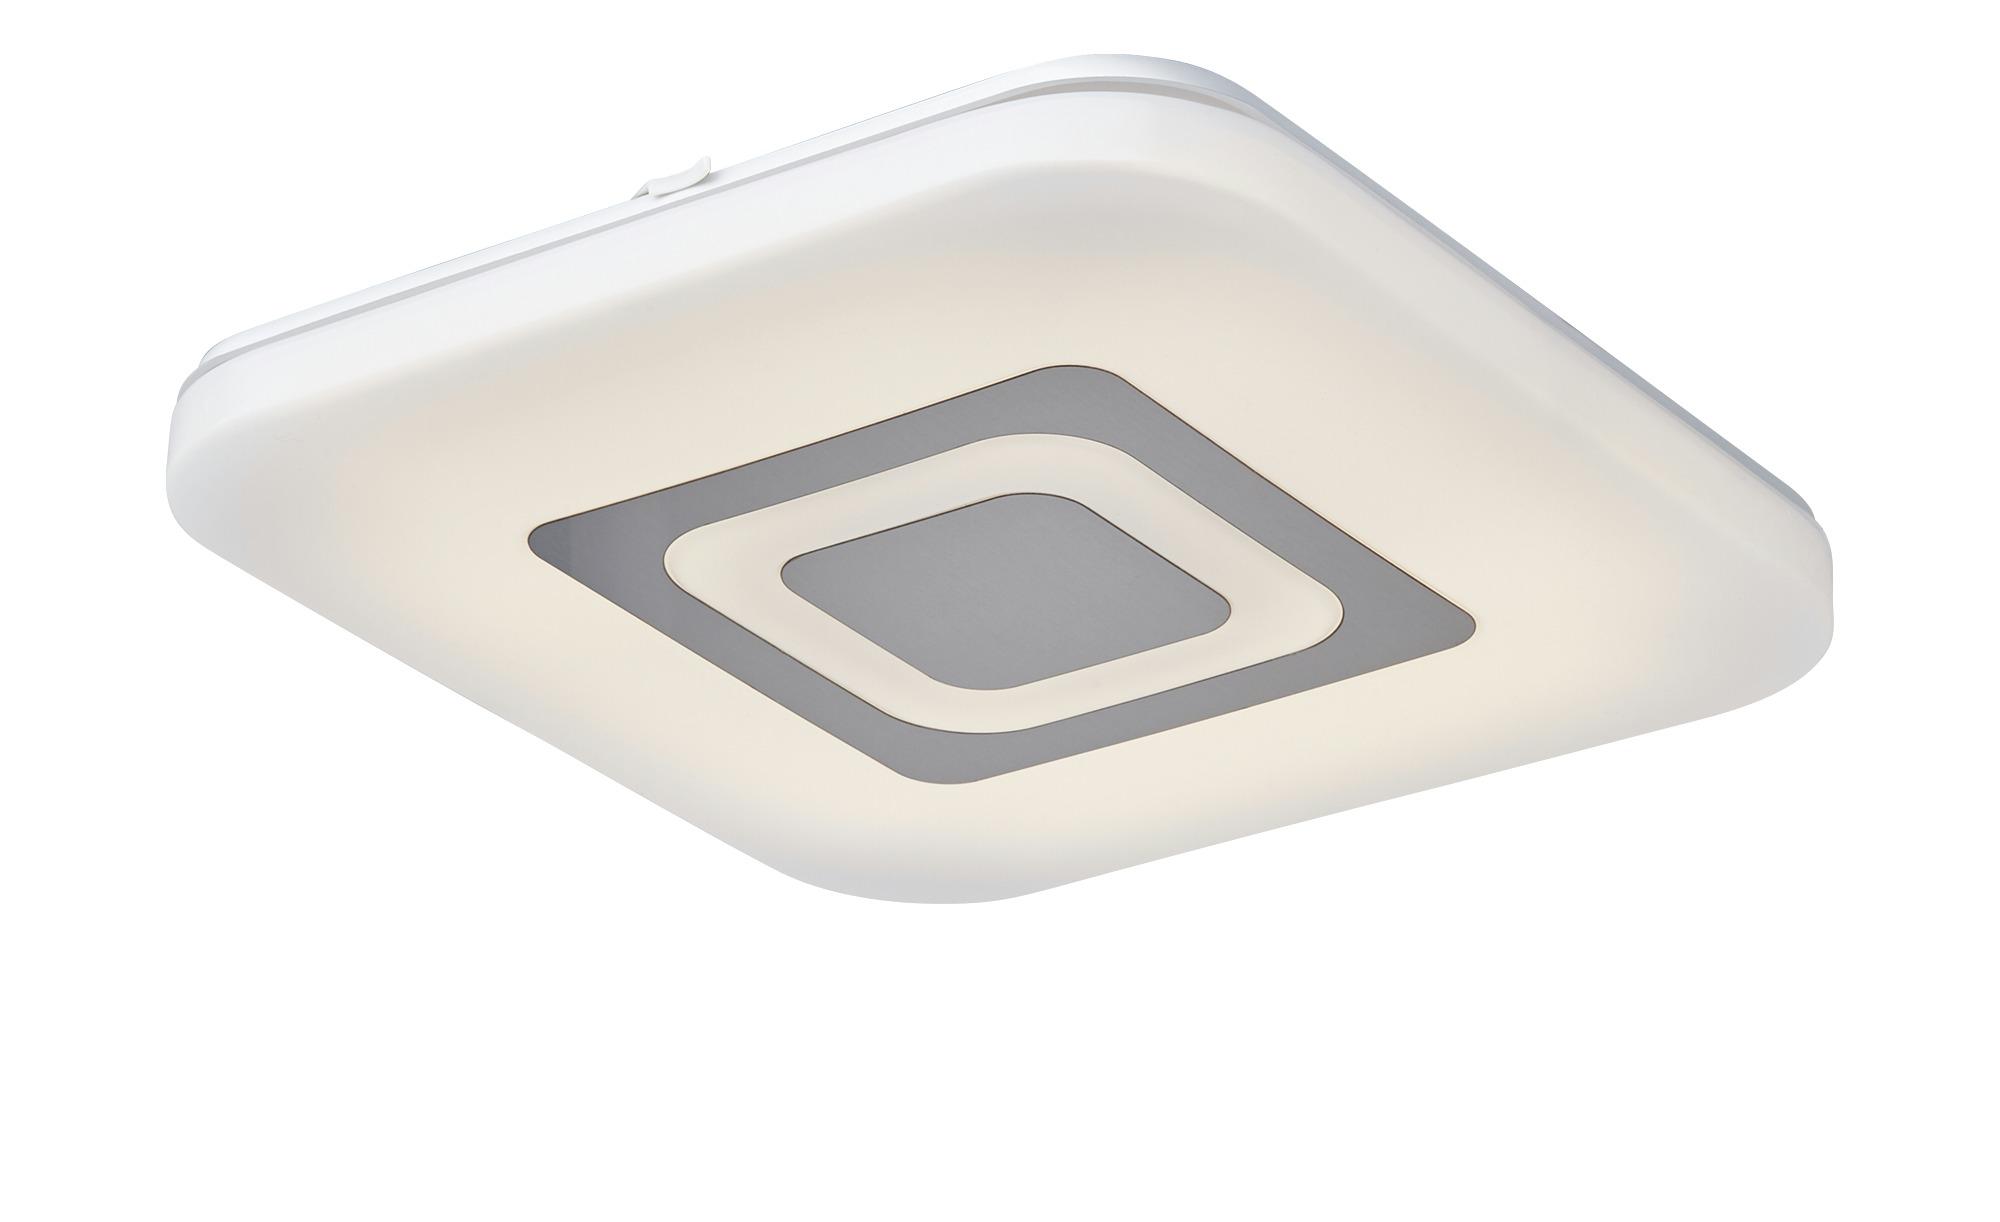 KHG LED-Deckenleuchte, 1-flammig weiß, eckig ¦ weiß ¦ Maße (cm): B: 35 H: 6 Lampen & Leuchten > Innenleuchten > Deckenleuchten - Höffner